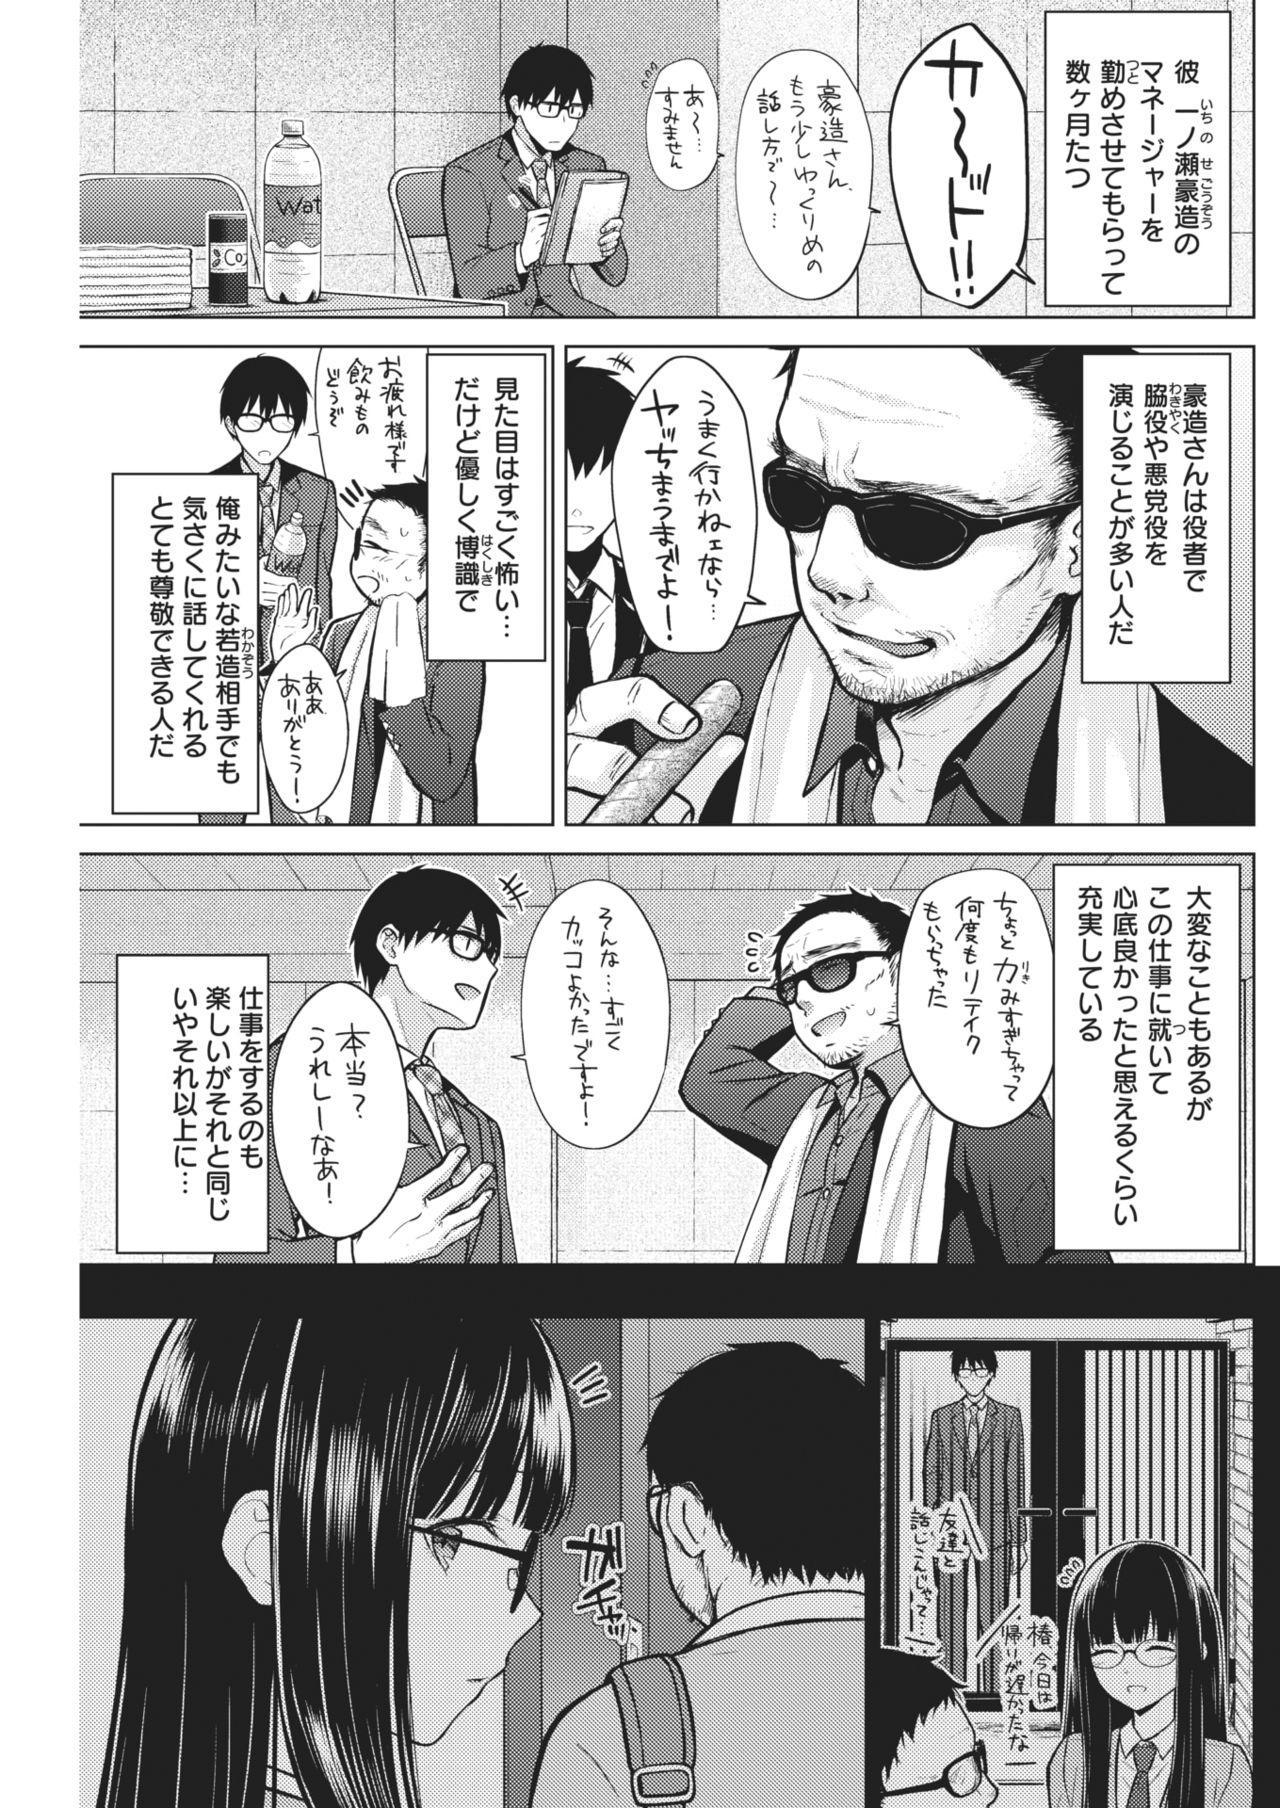 COMIC Kairakuten 2021-02 244